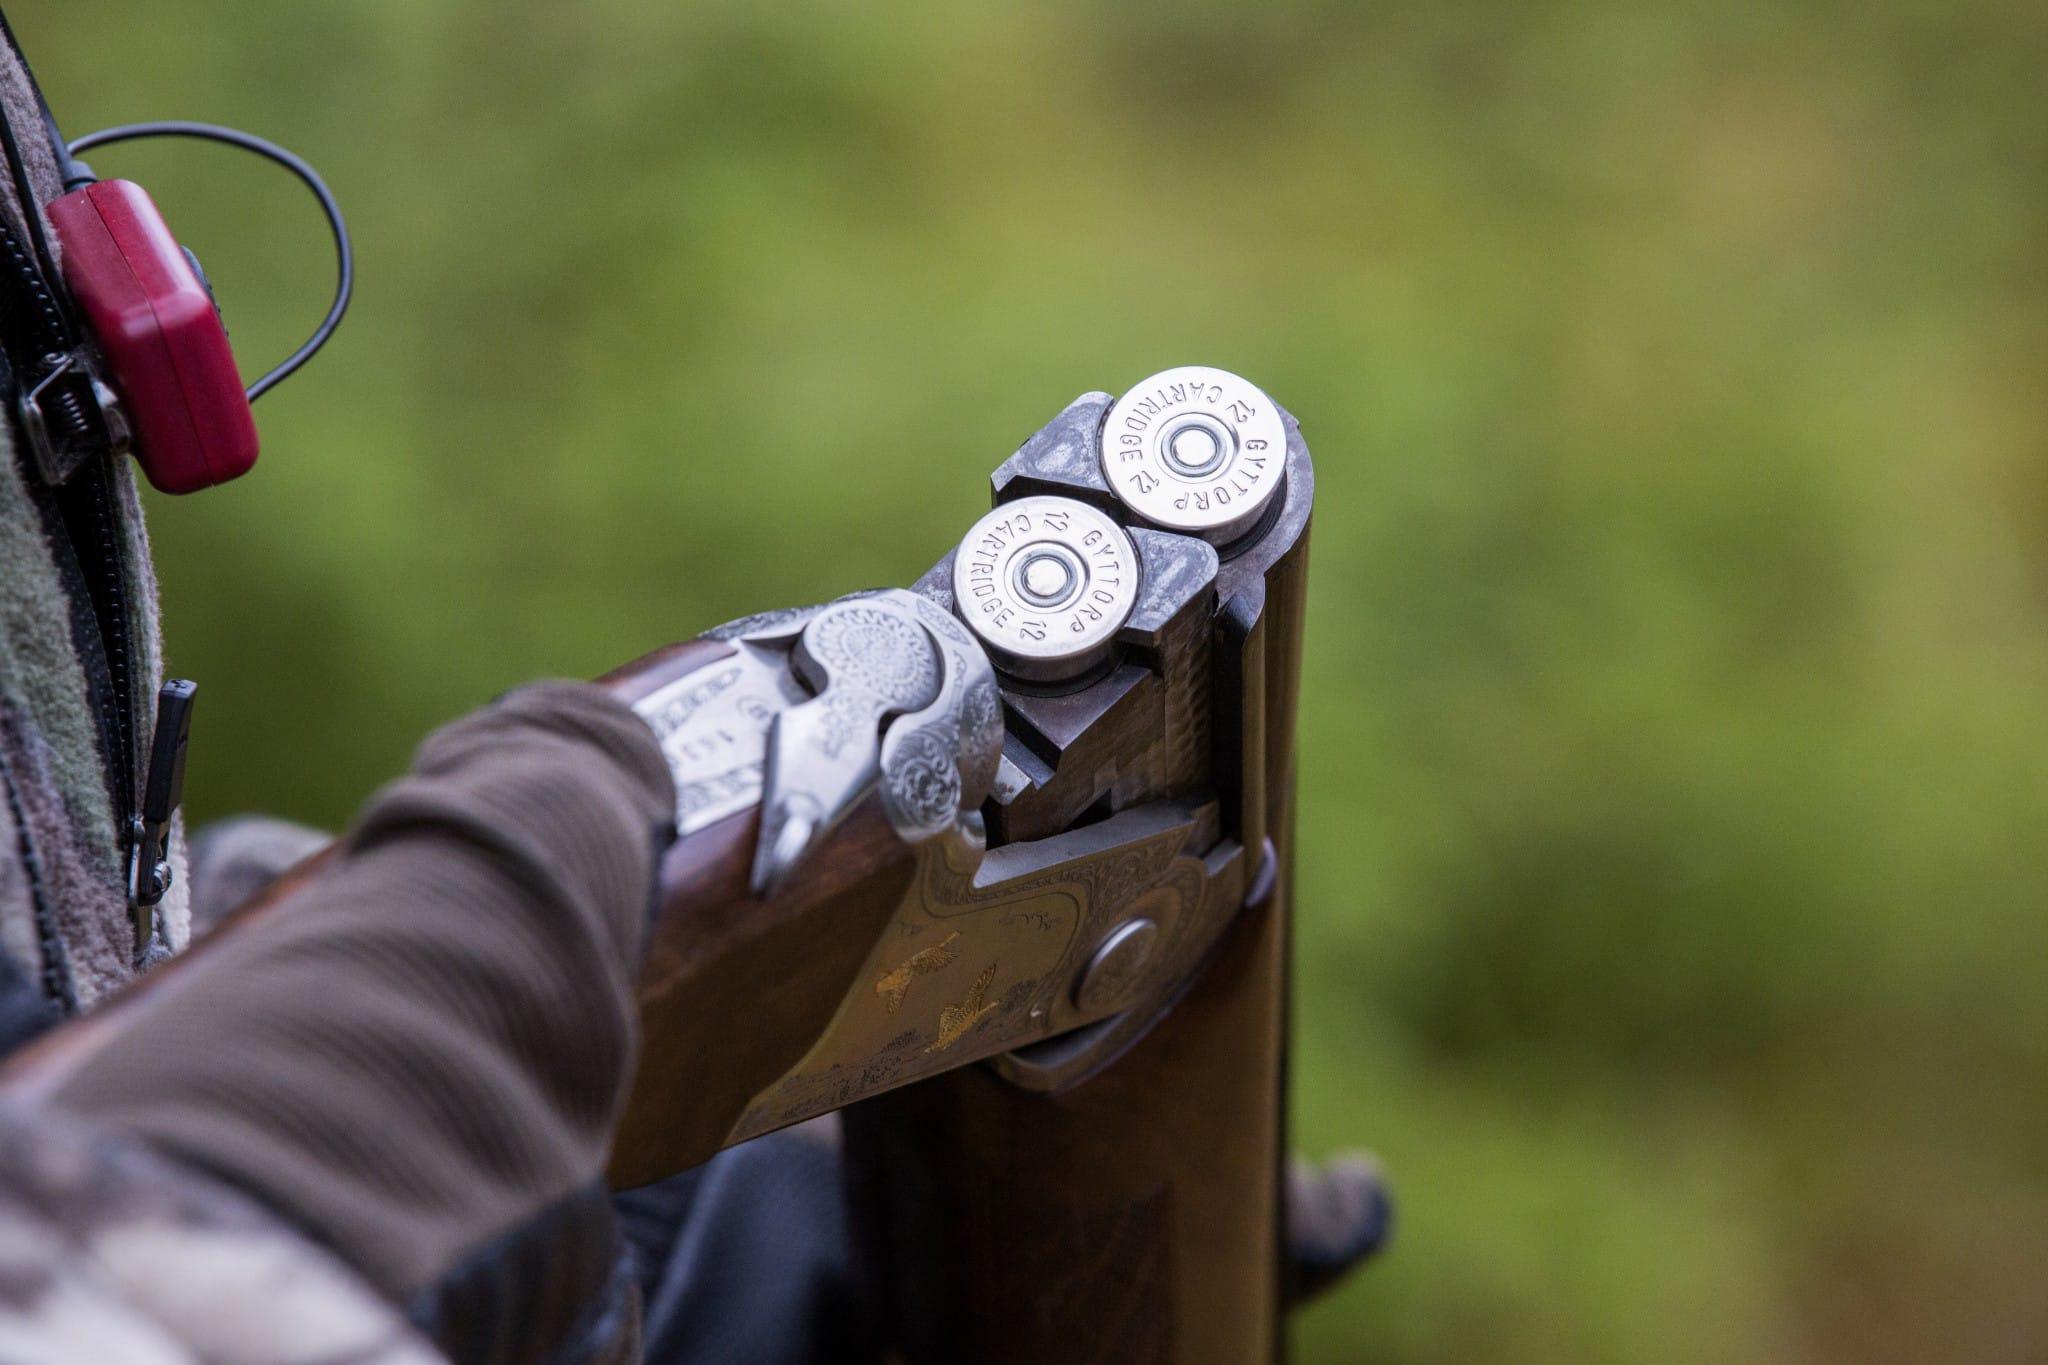 Säker vapenhantering är viktigt men oftast också enkelt. Med ett brytvapen är det lätt att göra rätt. Ibland kräver ny utrustning mer eftertanke.